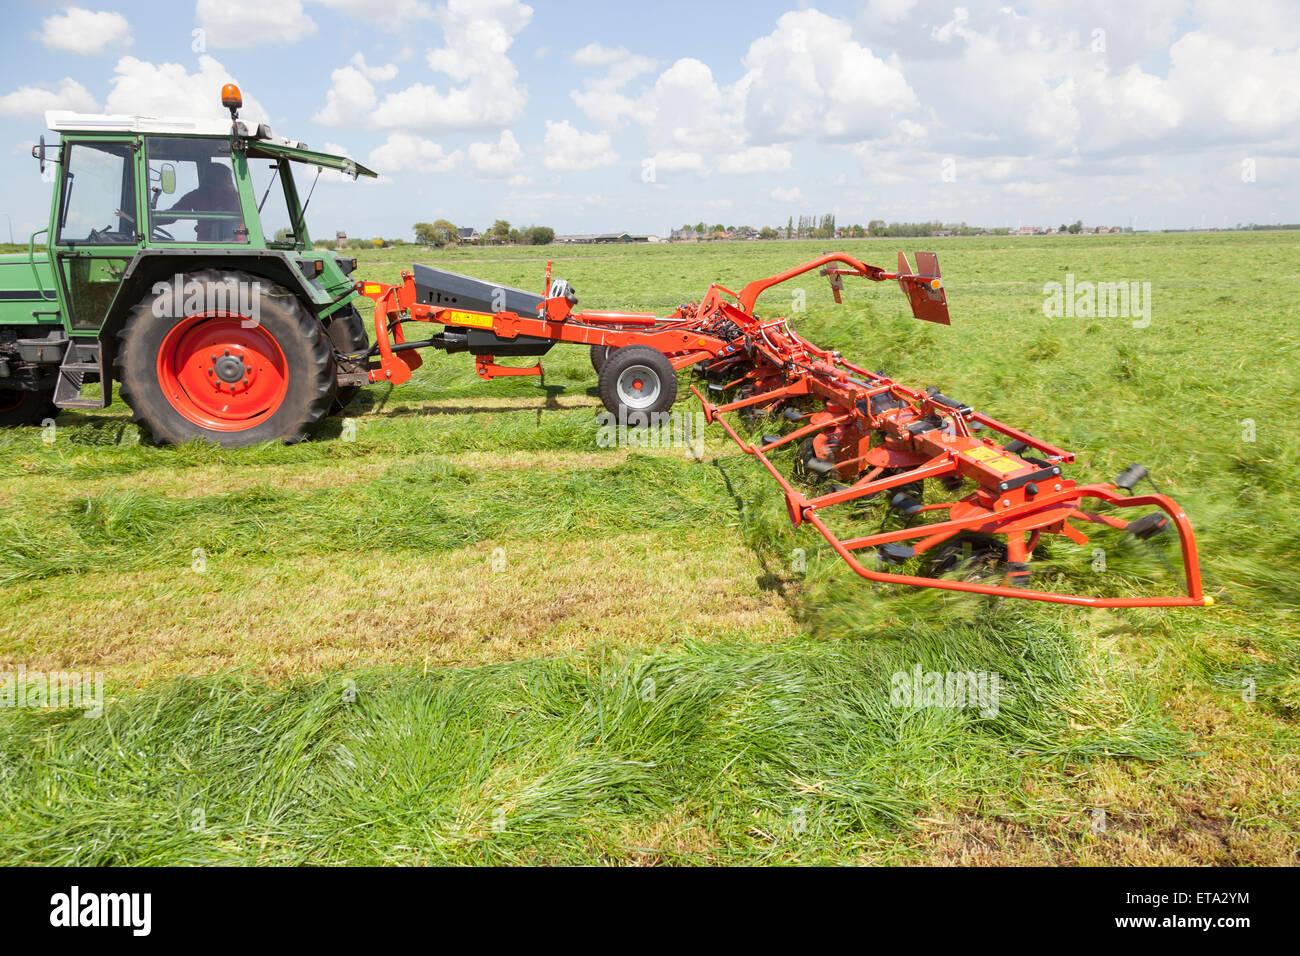 Hay rouge turner derrière le tracteur au pré vert aux Pays-Bas Photo Stock